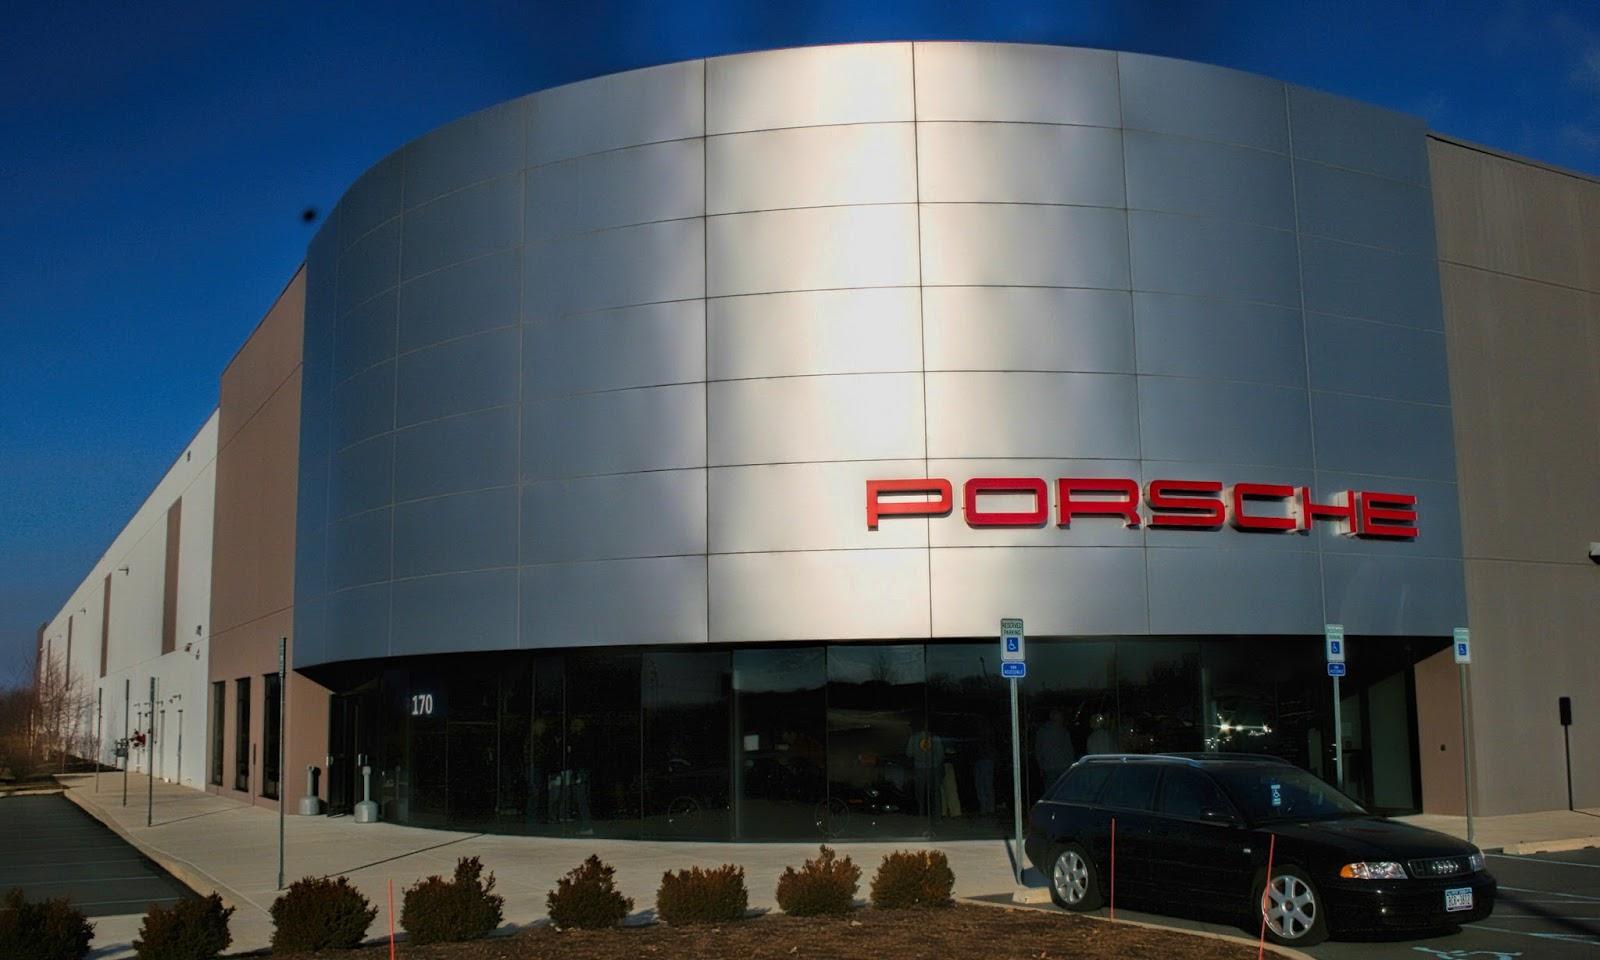 Porsche Building Hd Wallpapers Hd Wallpapers High